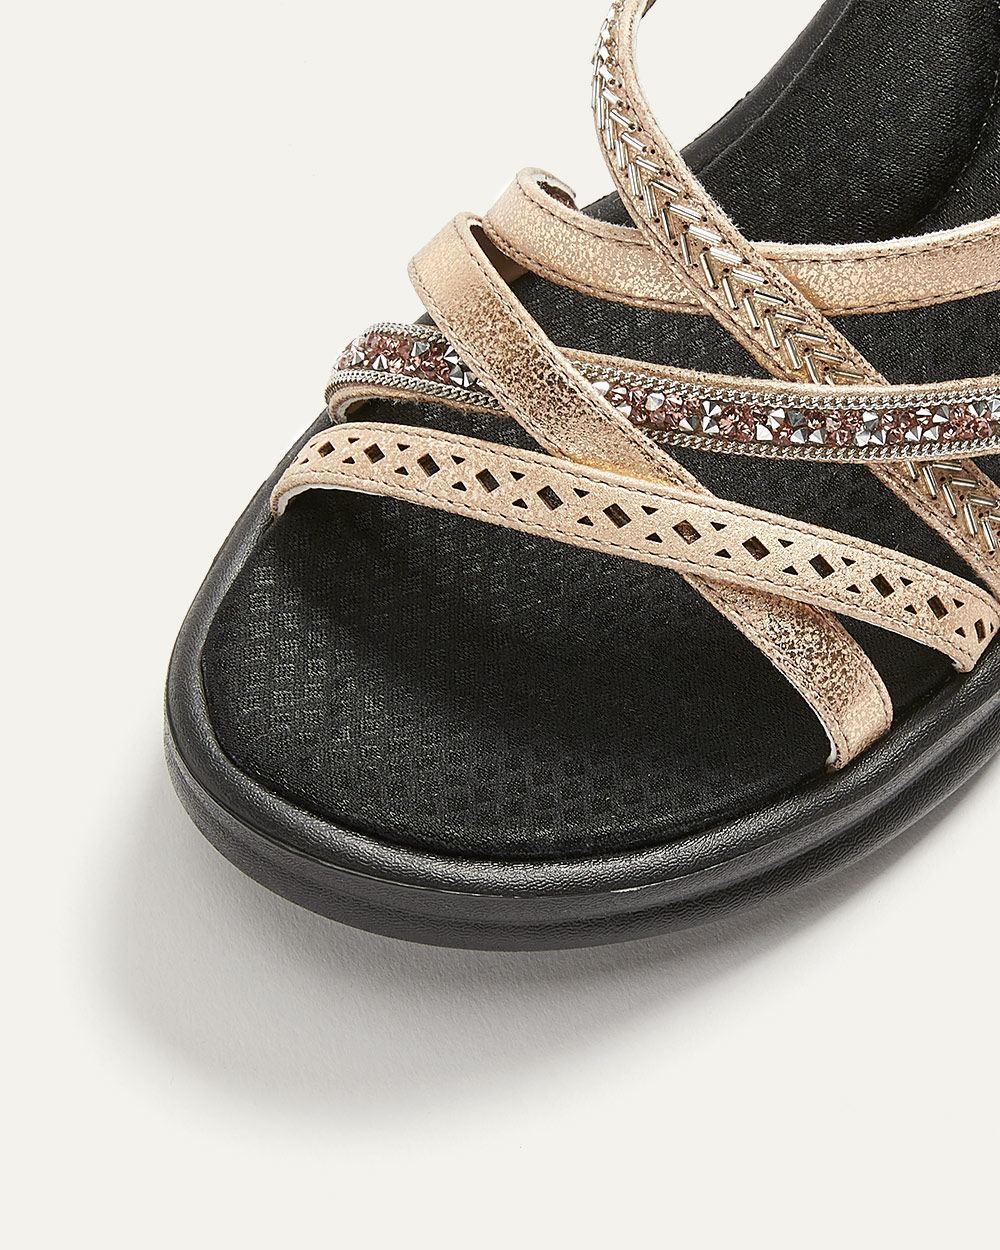 0fbb3397 Skechers Rumblers Wave, New Lassie - Wide Width Wedge Sandals ...